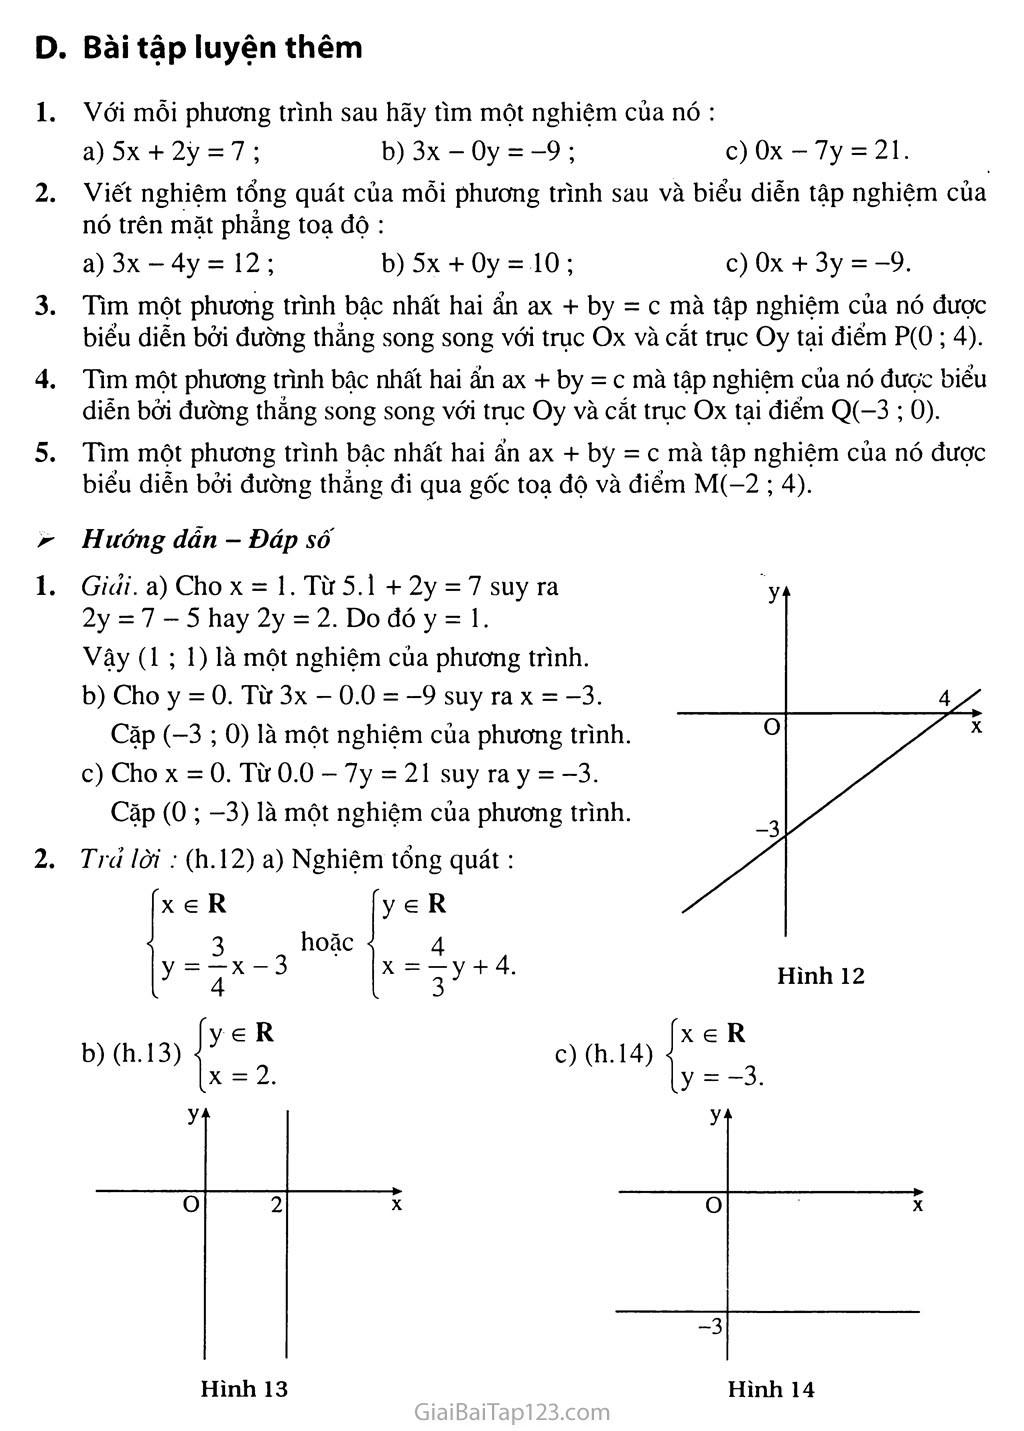 Bài 1. Phương trình bậc nhất hai ẩn trang 8